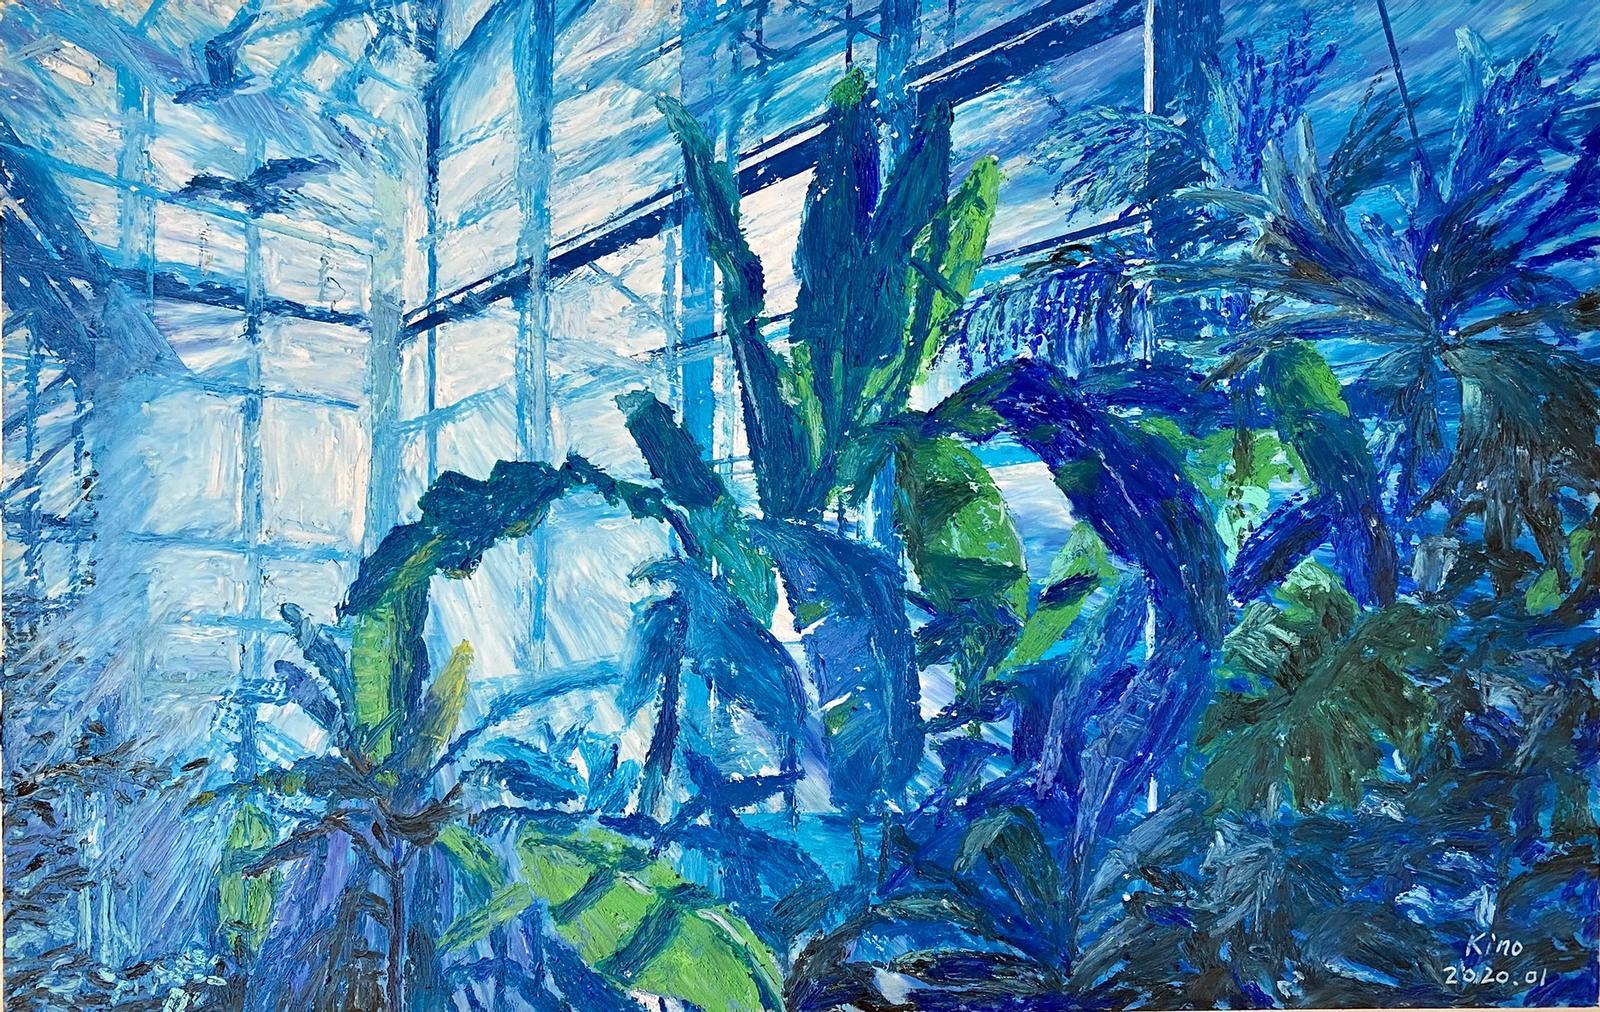 Blue Greenhouse in My Dream